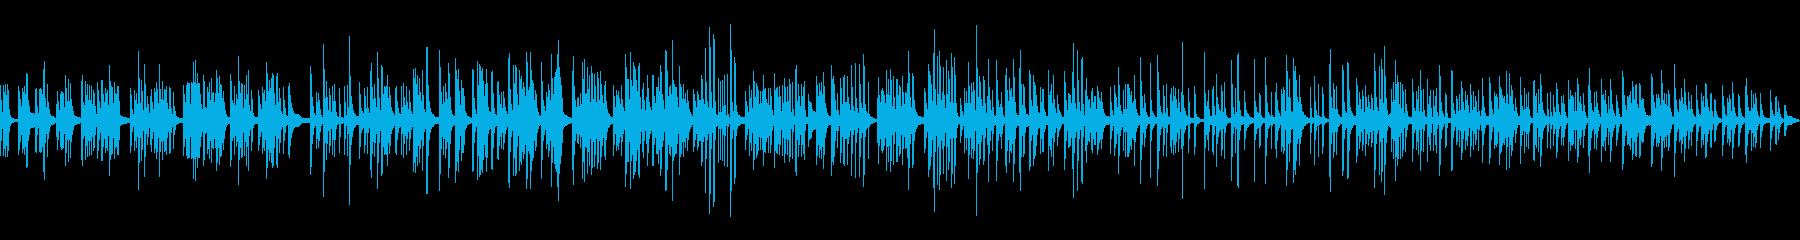 KANT眠る前に聴くピアノ曲の再生済みの波形